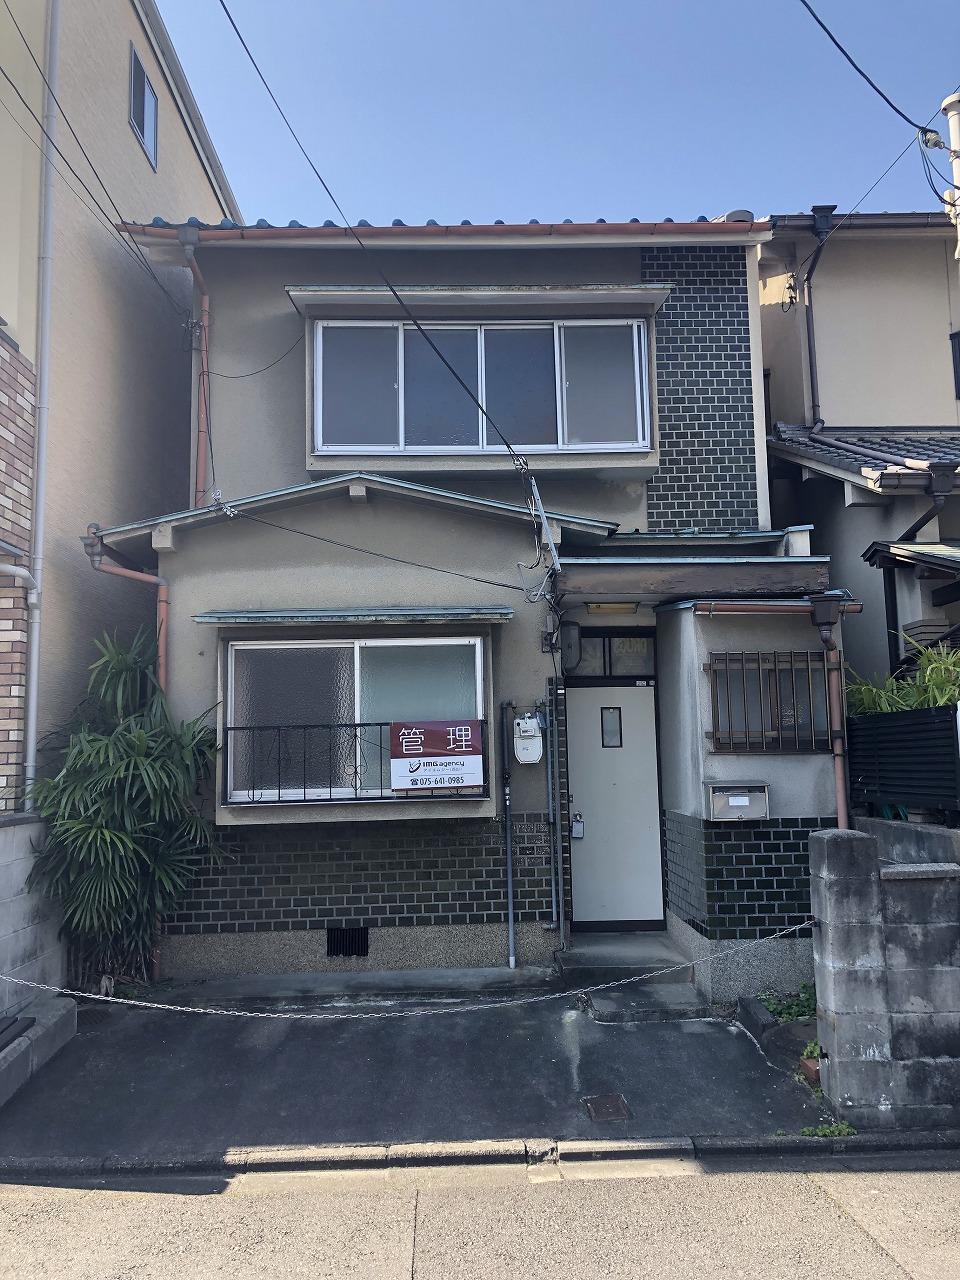 烏丸線『くいな橋』駅から『京都』駅まで5分!!近隣にスーパー・コンビニ・飲食店もあり、生活に便利!!建替え用地としてもご検討頂けます。